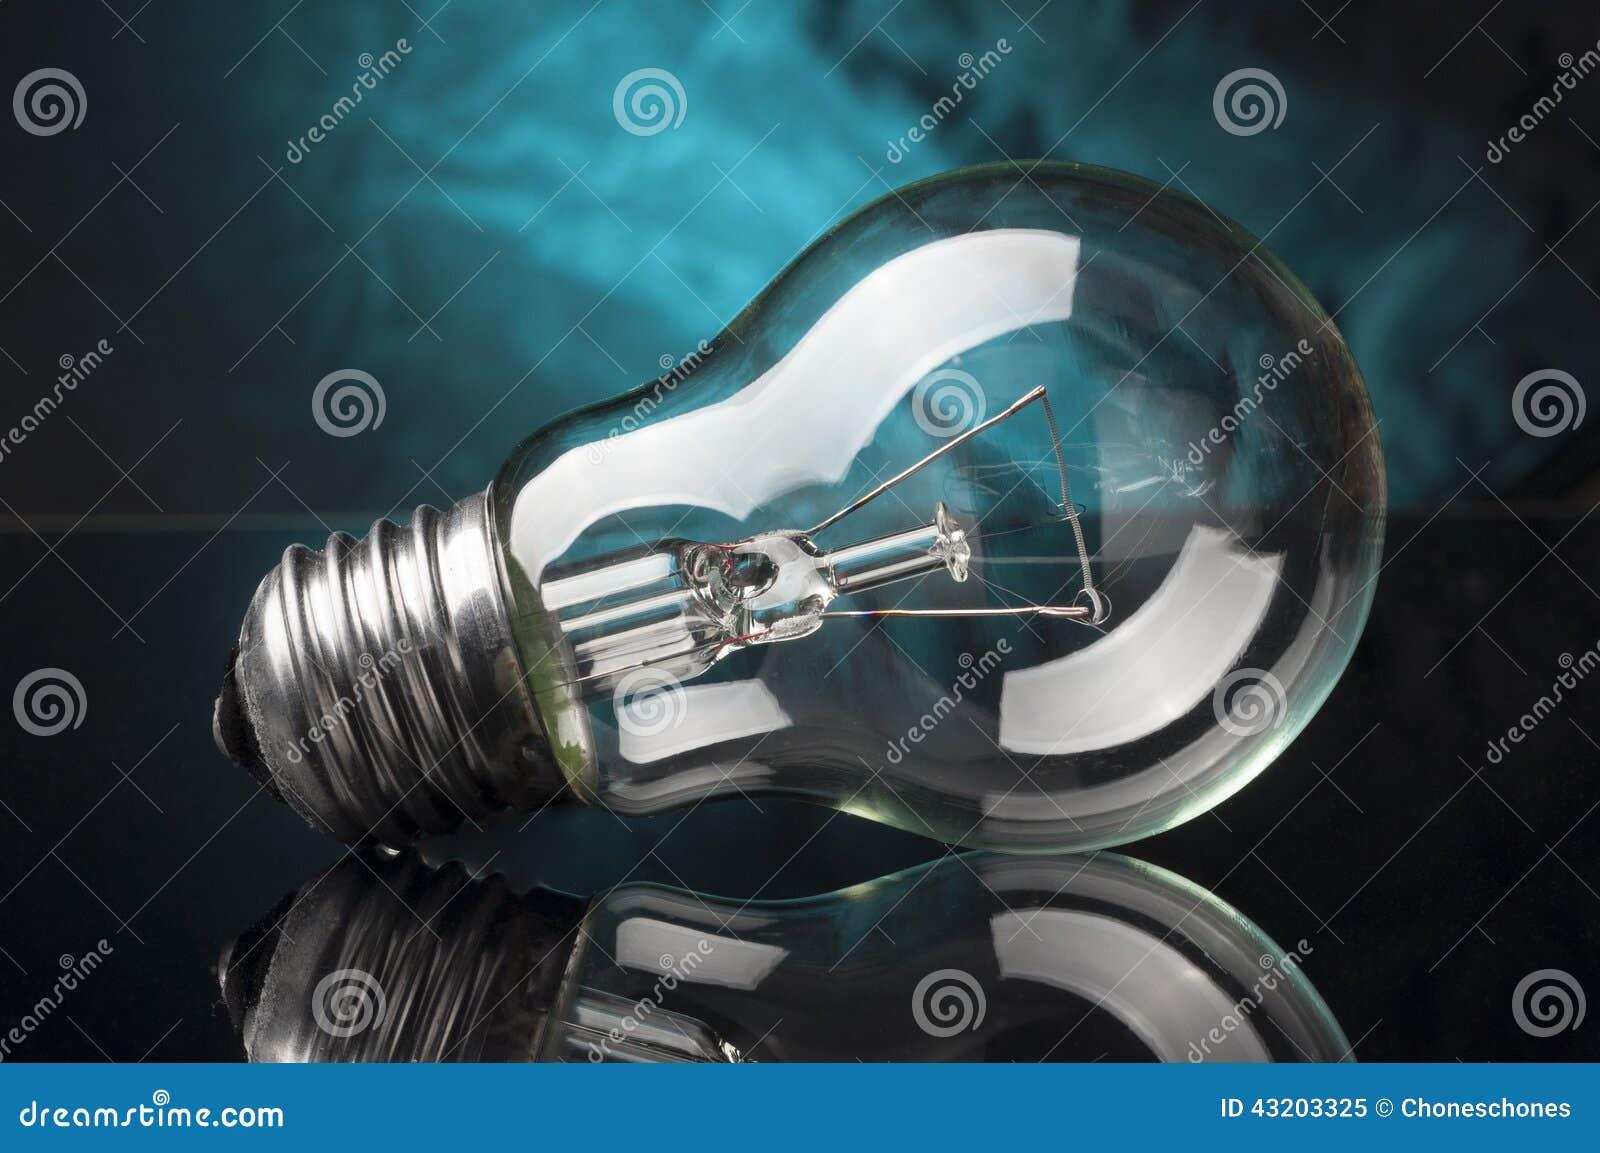 Download Vektor För Lampa För Illustration För Kulabegreppsidé Fotografering för Bildbyråer - Bild av sparande, edison: 43203325